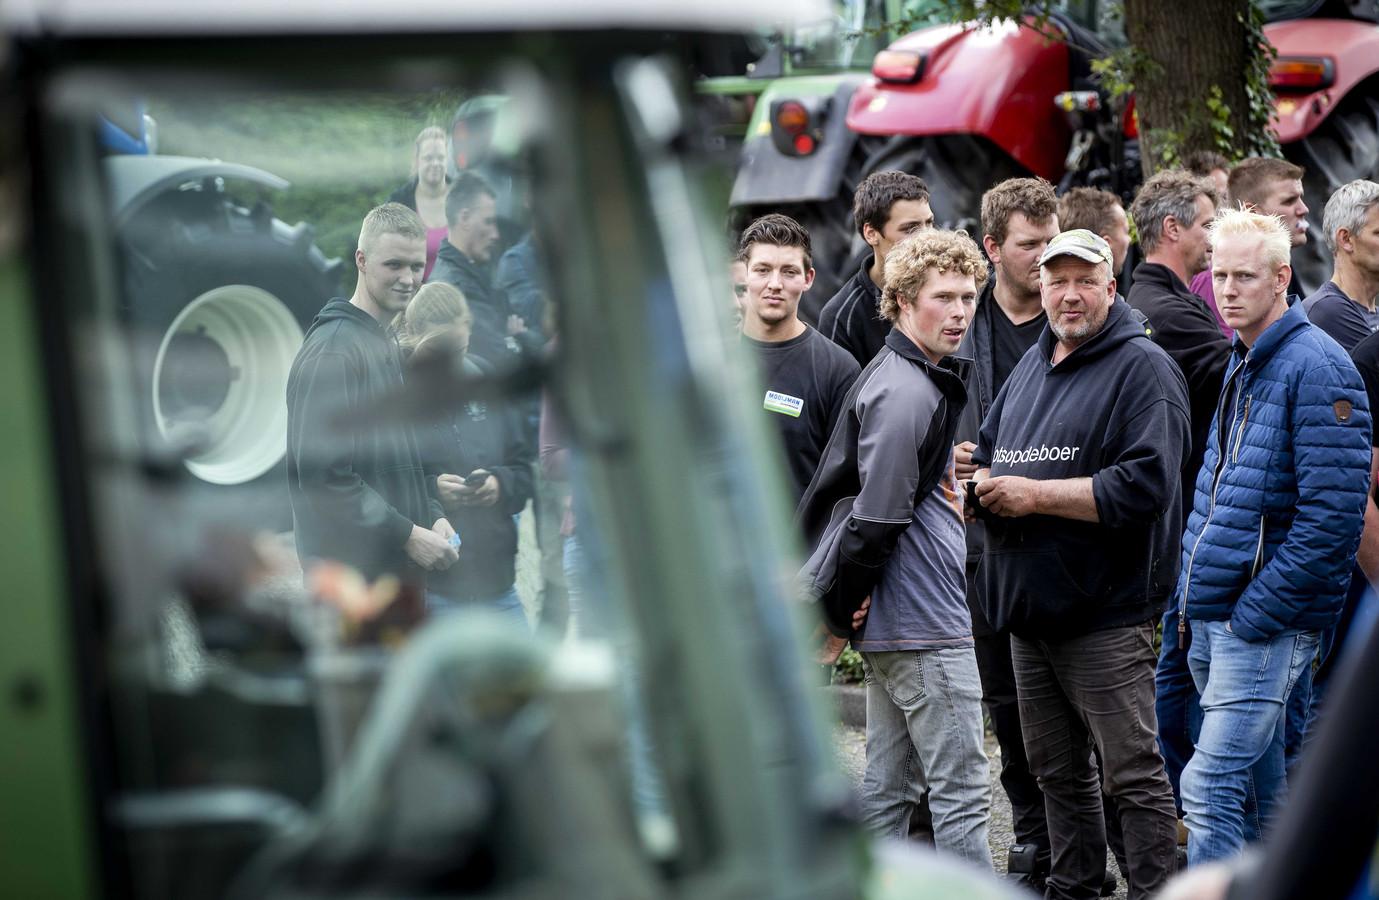 Boeren protesteerden eerder deze maand bij supermarktbranchevereniging CBL in Leidschendam.